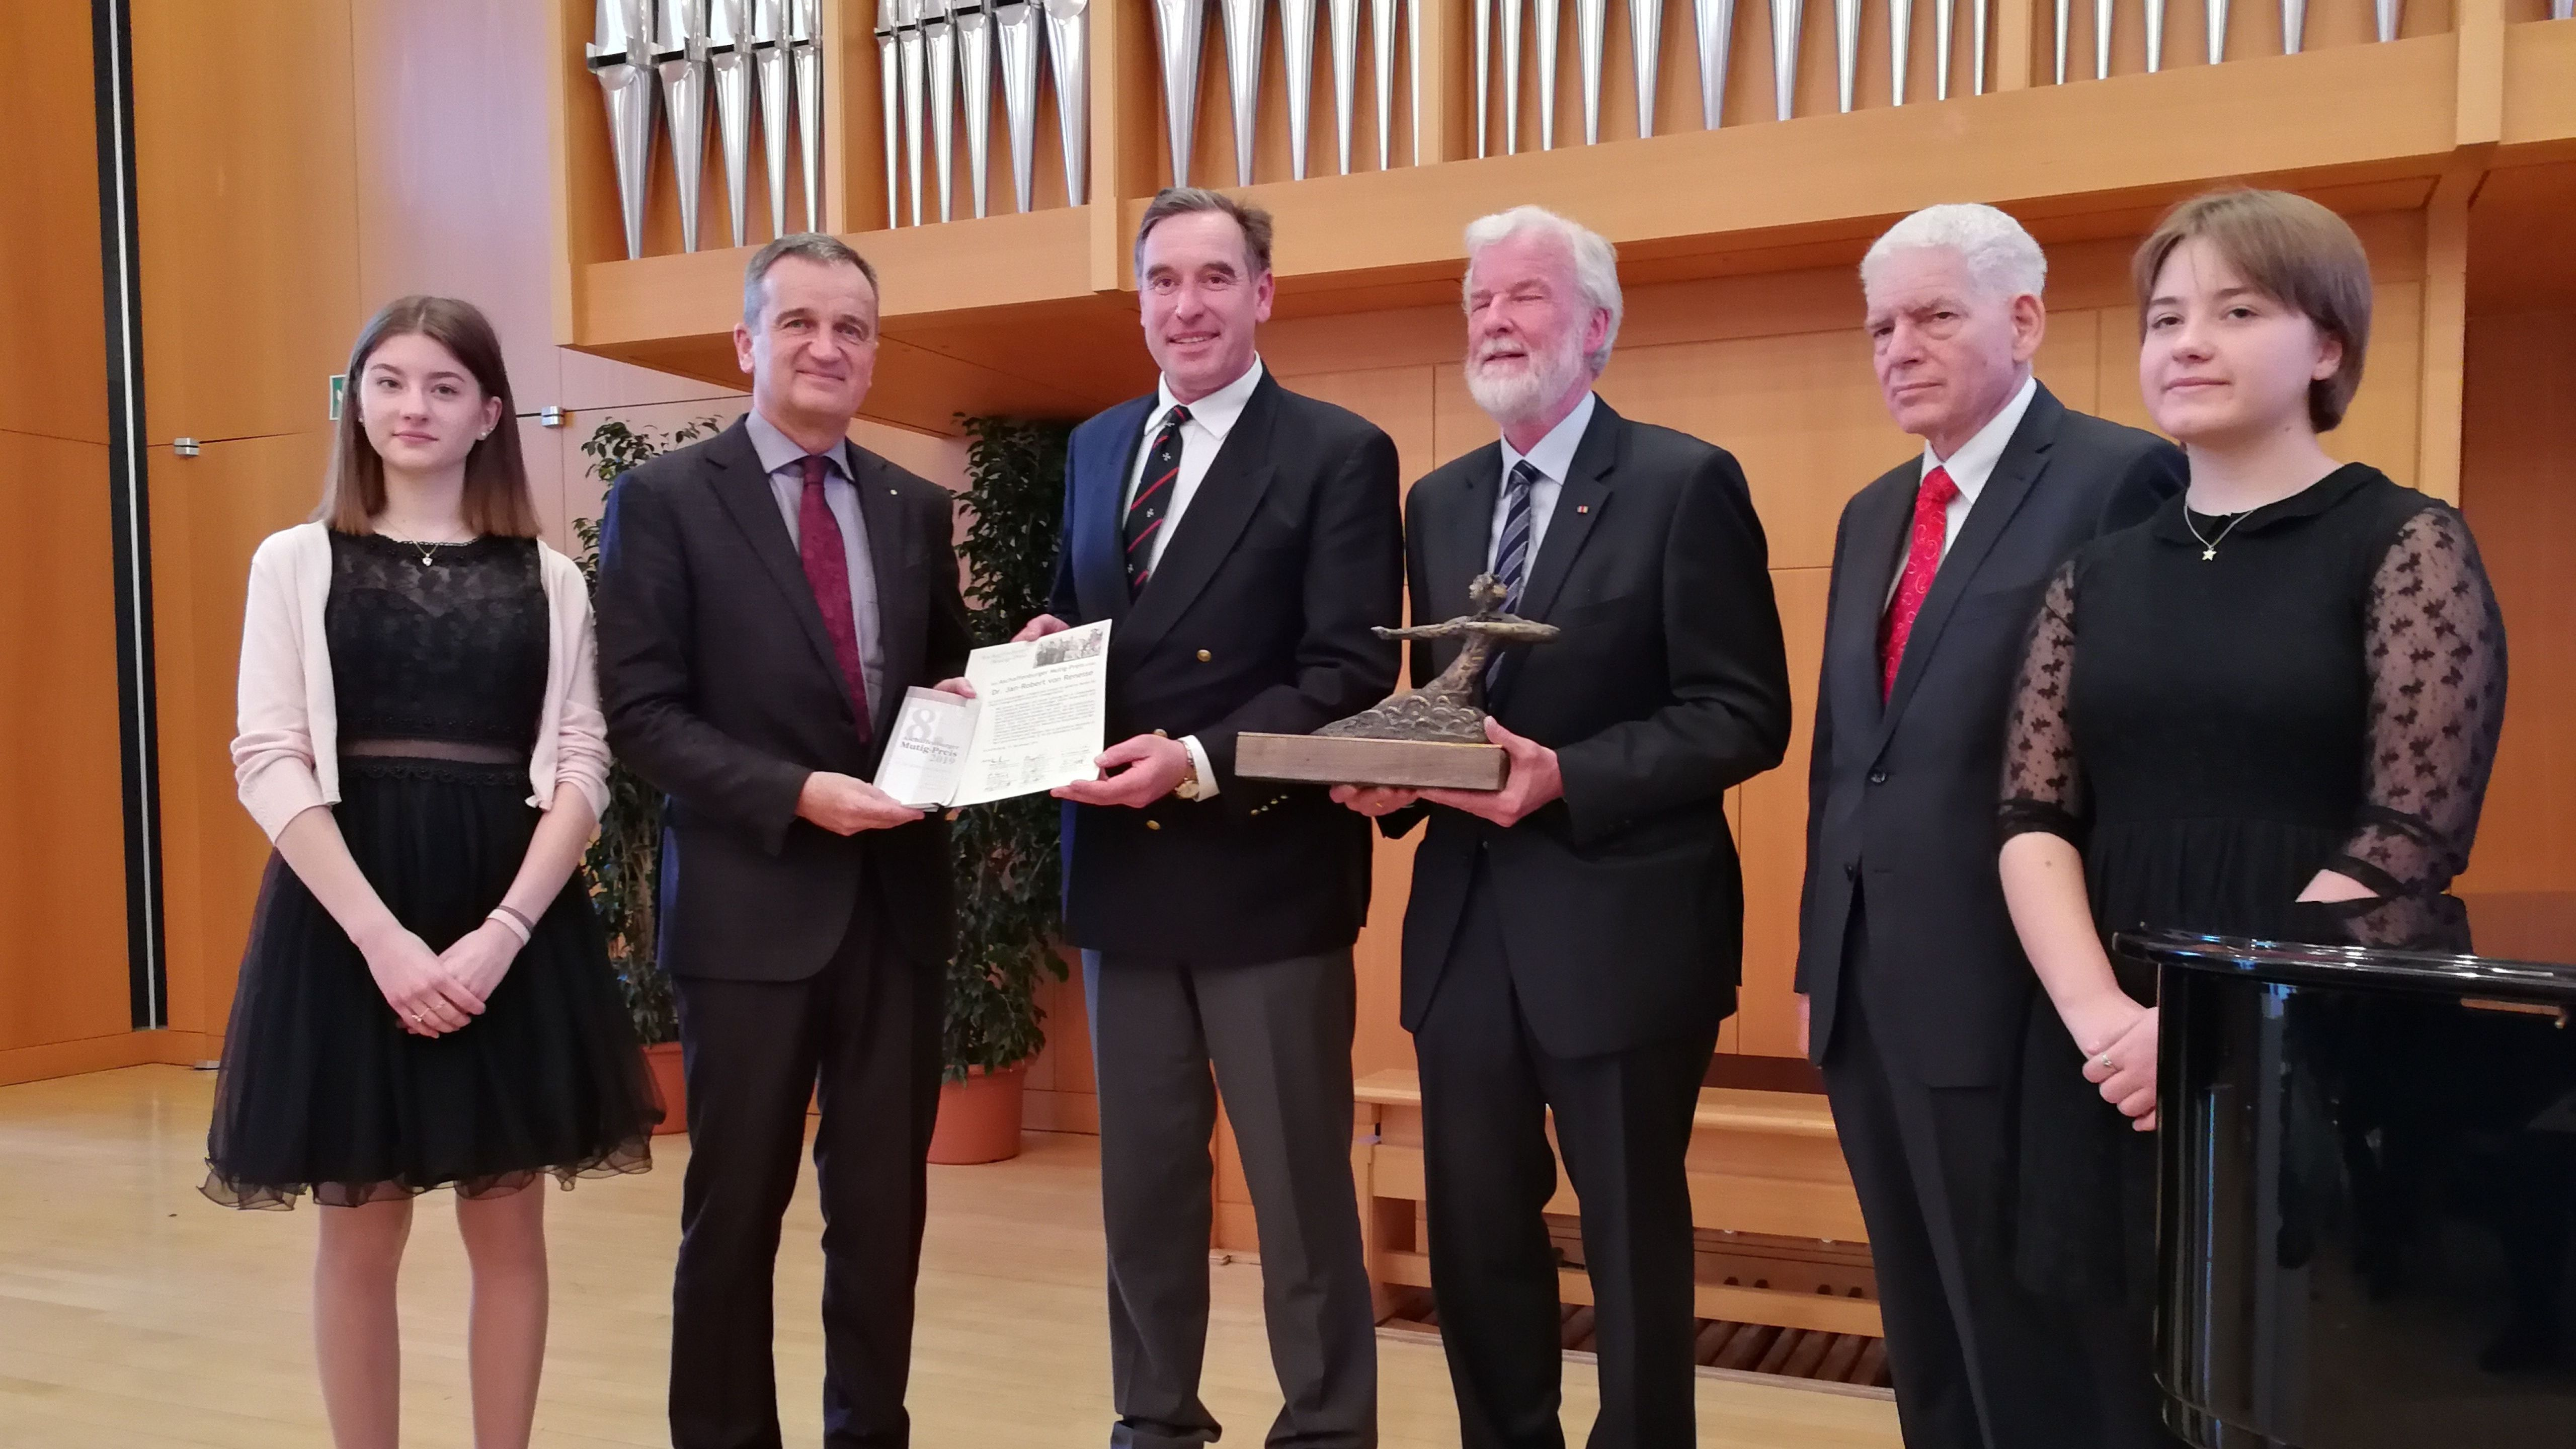 Preisverleihung in Aschaffenburg: Richter Jan-Robert von Renesse (3. v.l.) ist mit dem Mutig-Preis ausgezeichnet worden.